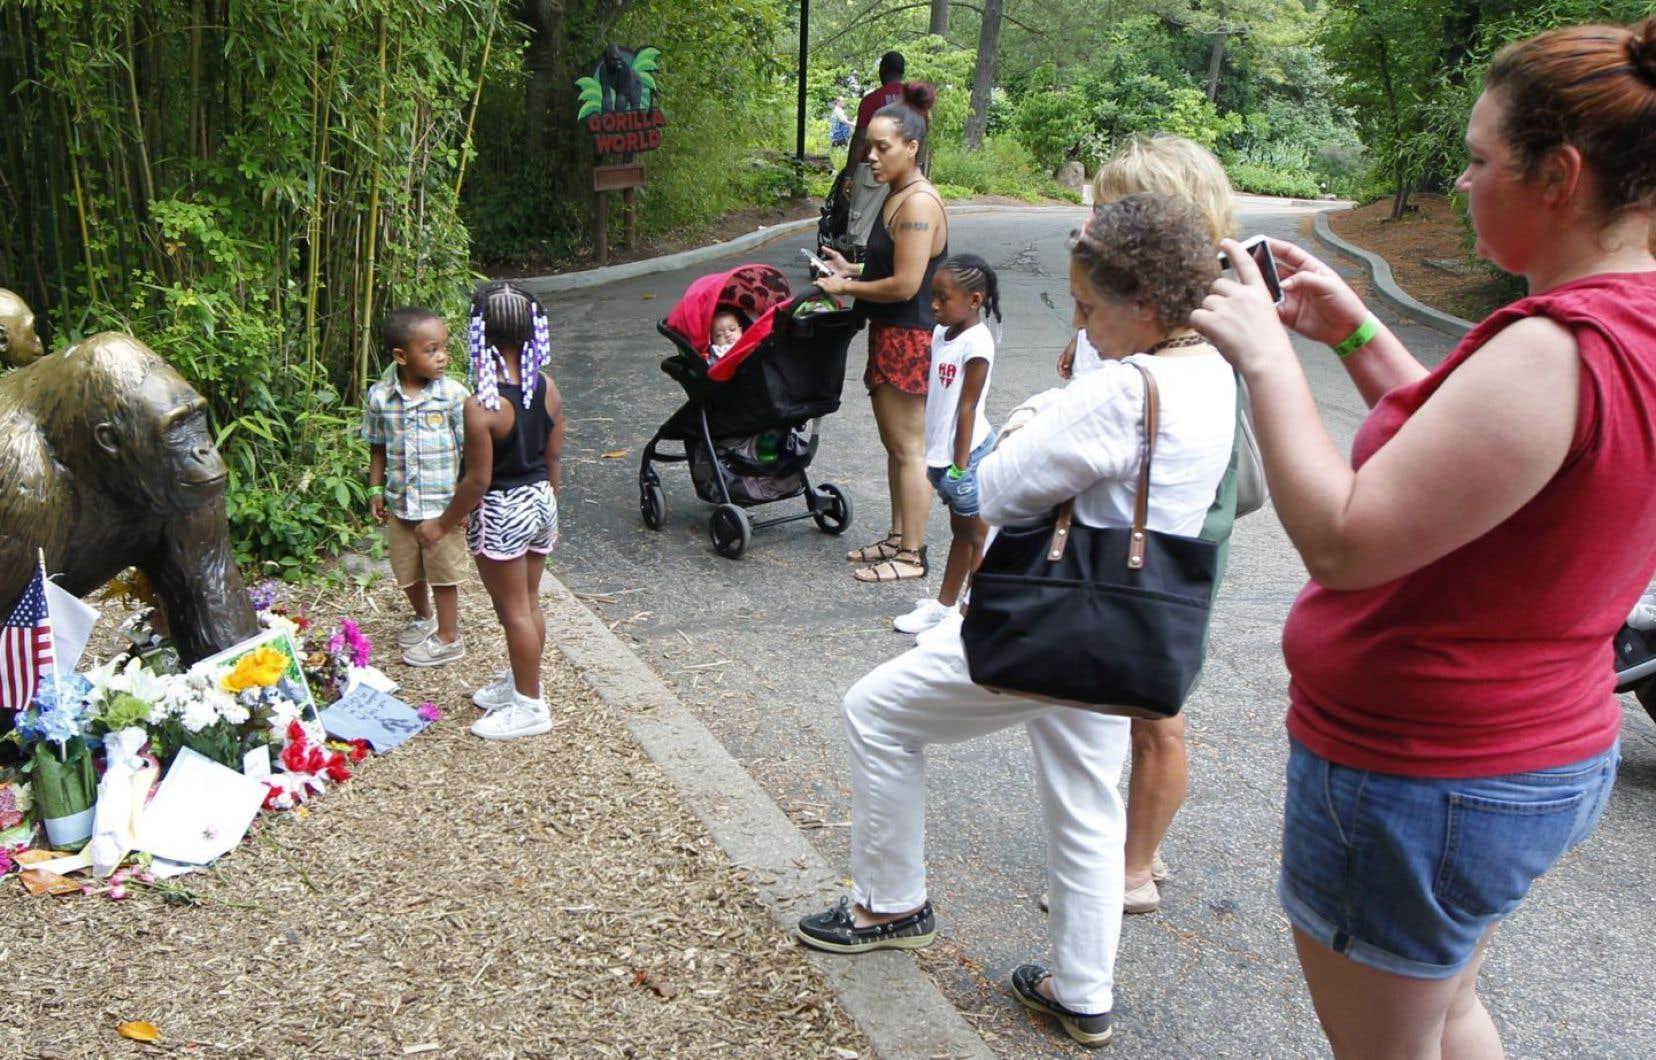 Une statue a été dressée à la sortie du zoo de Cincinnati pour commémorer la mort du gorille Harambe, abattu le 2 juin dernier.